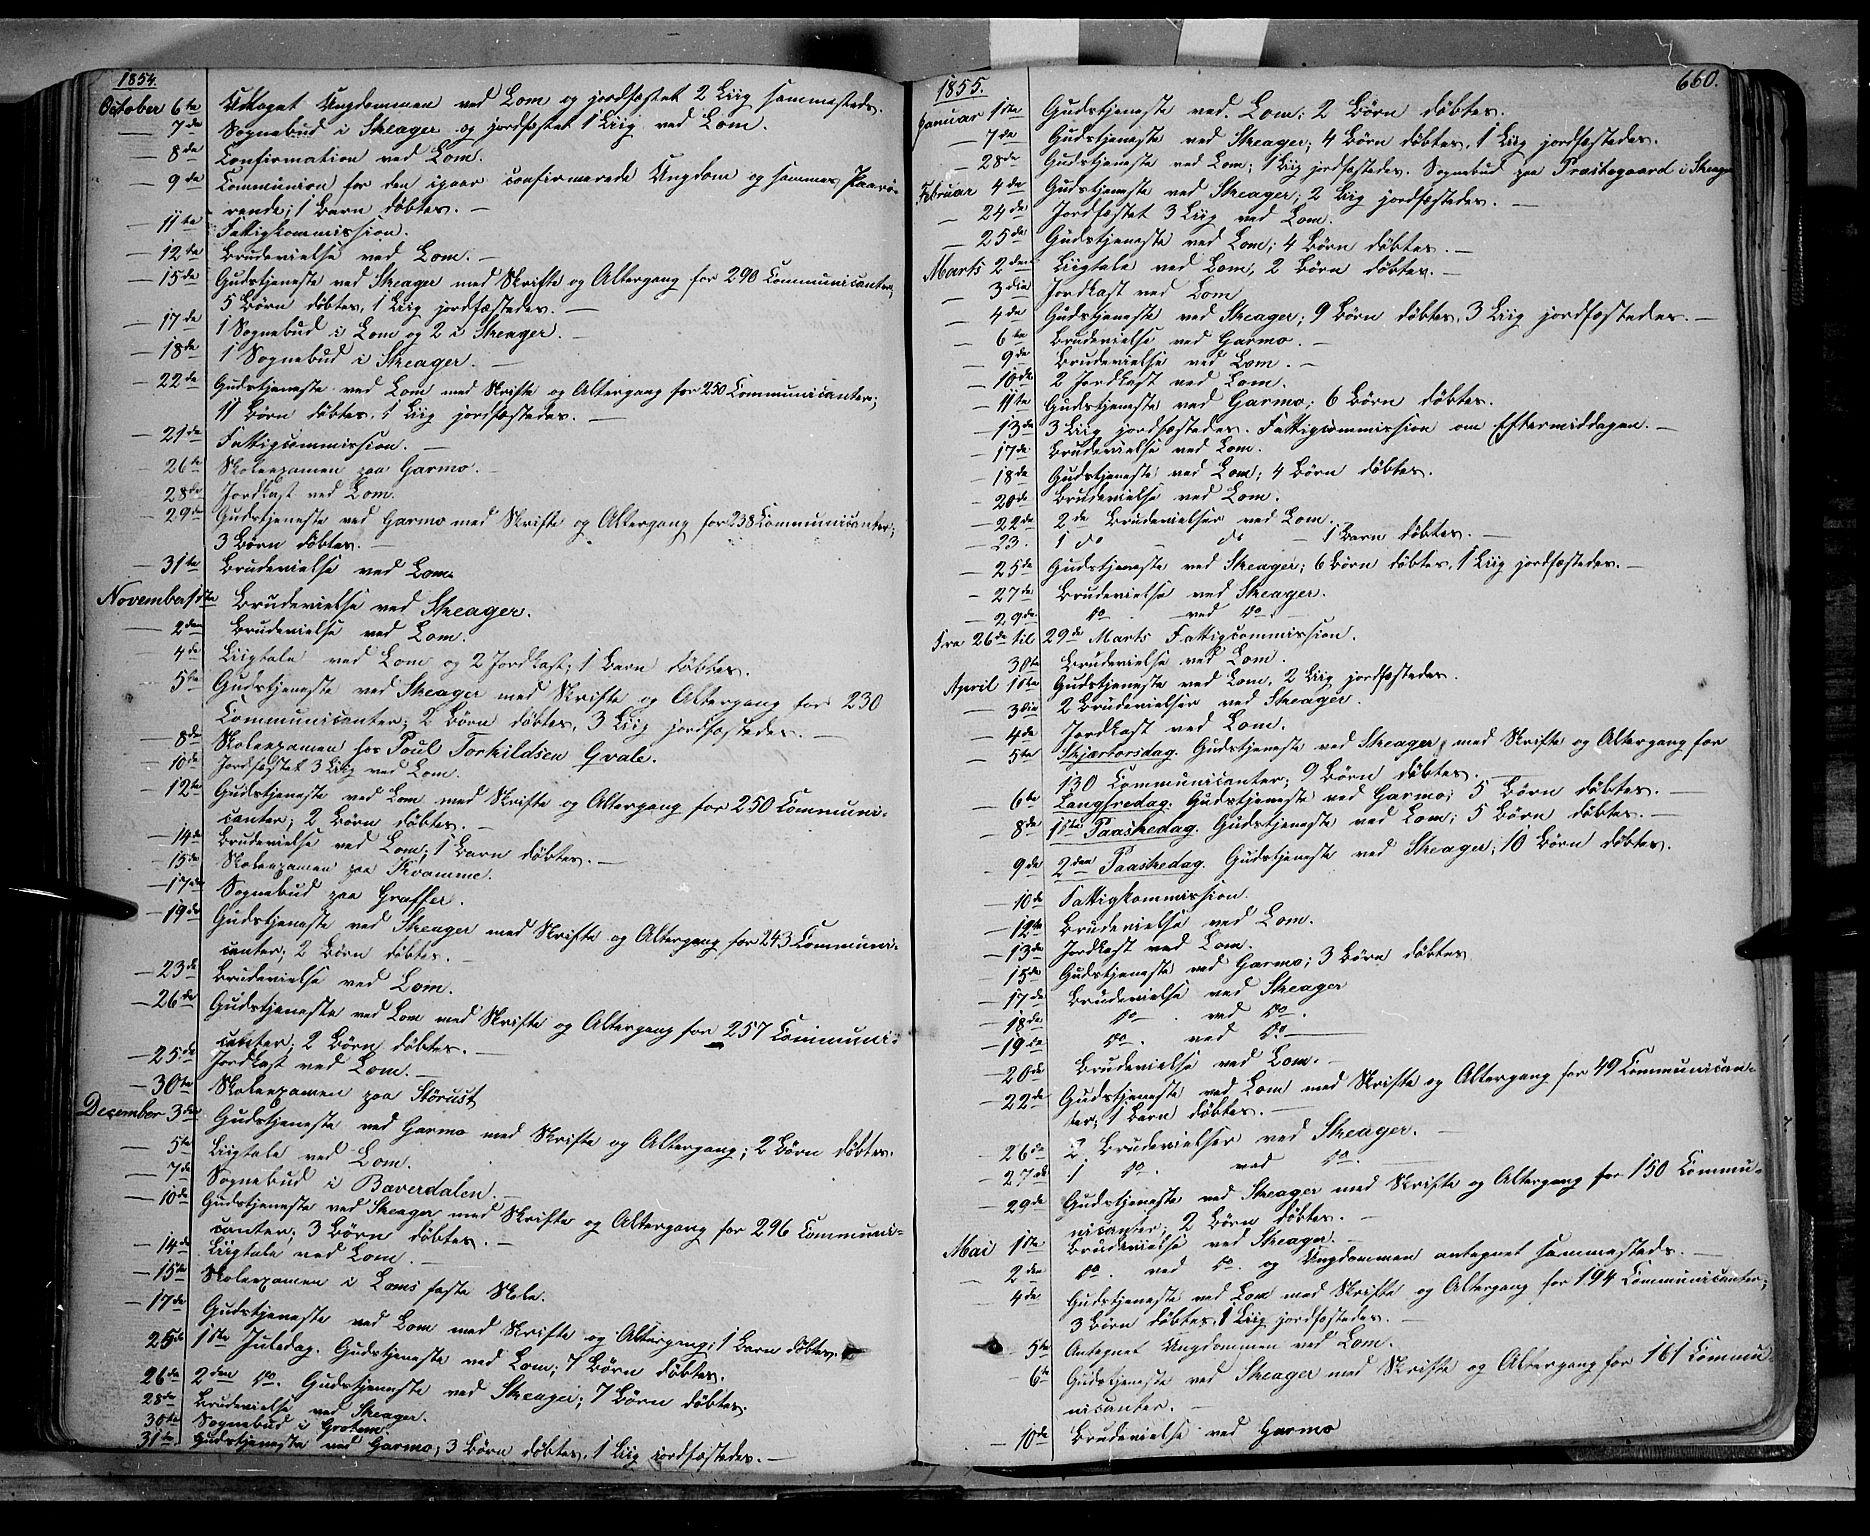 SAH, Lom prestekontor, K/L0006: Ministerialbok nr. 6B, 1837-1863, s. 660